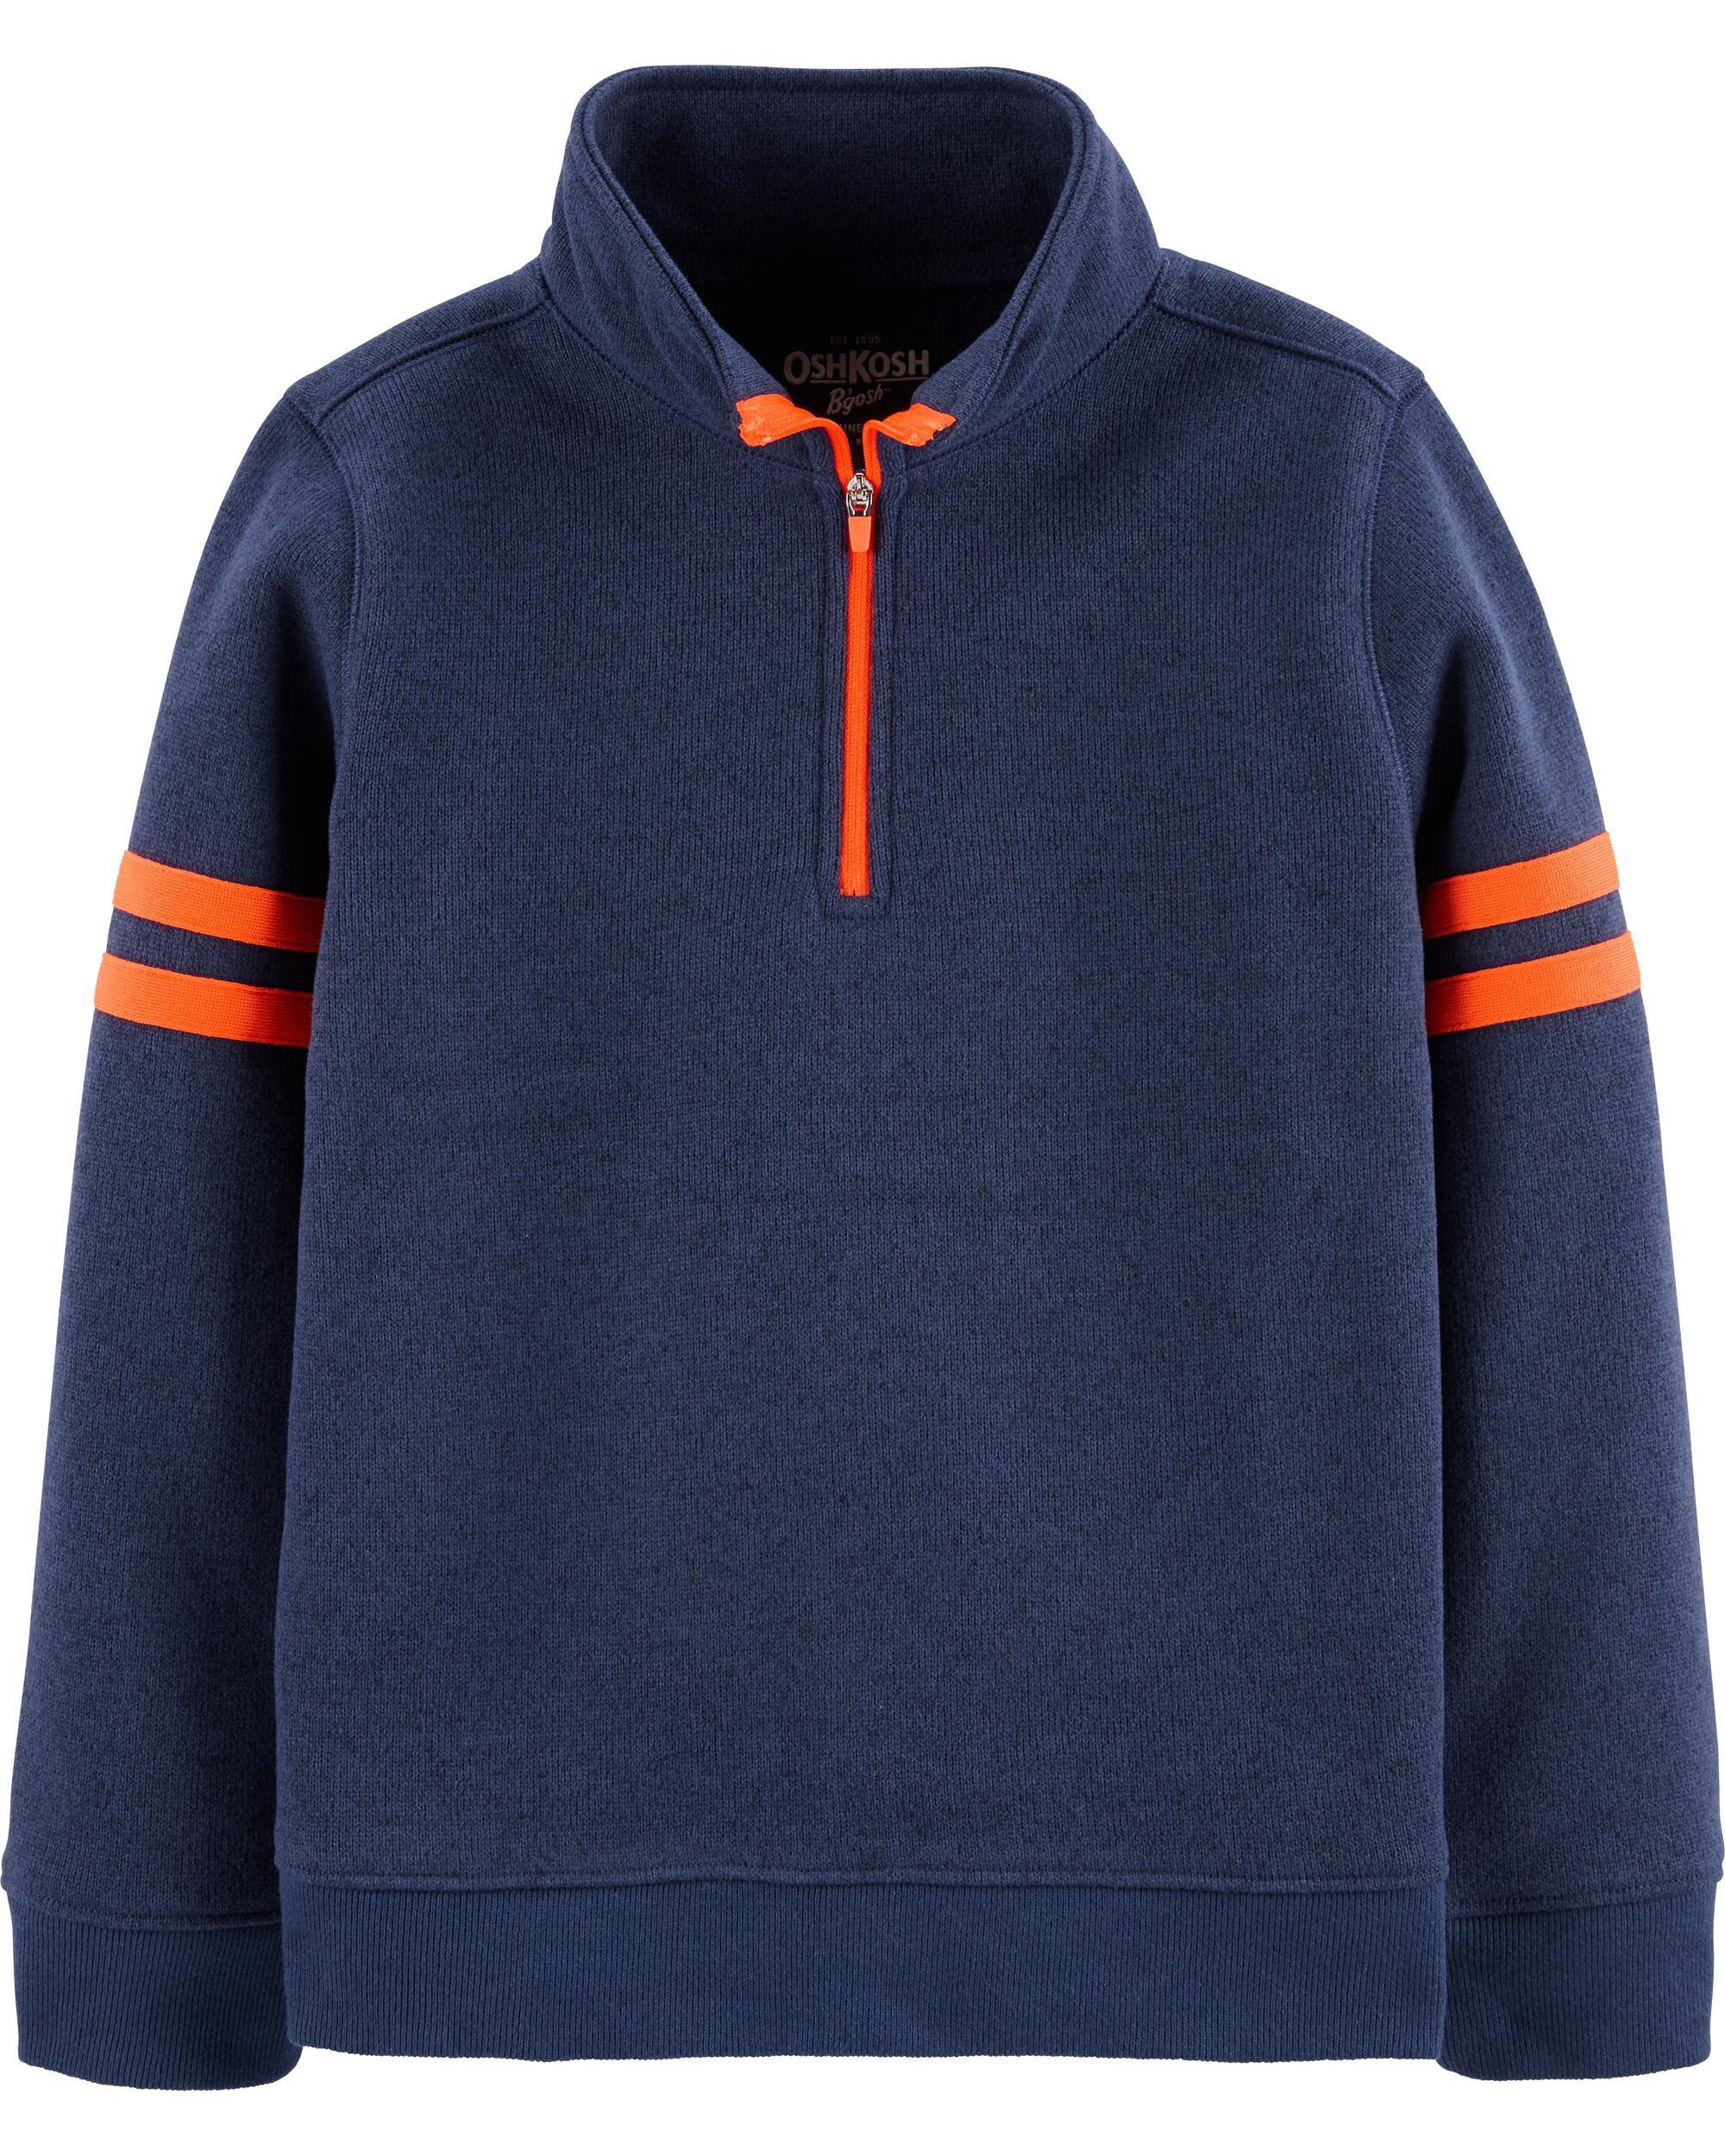 39abc6c9d2de Half Zip Sweater